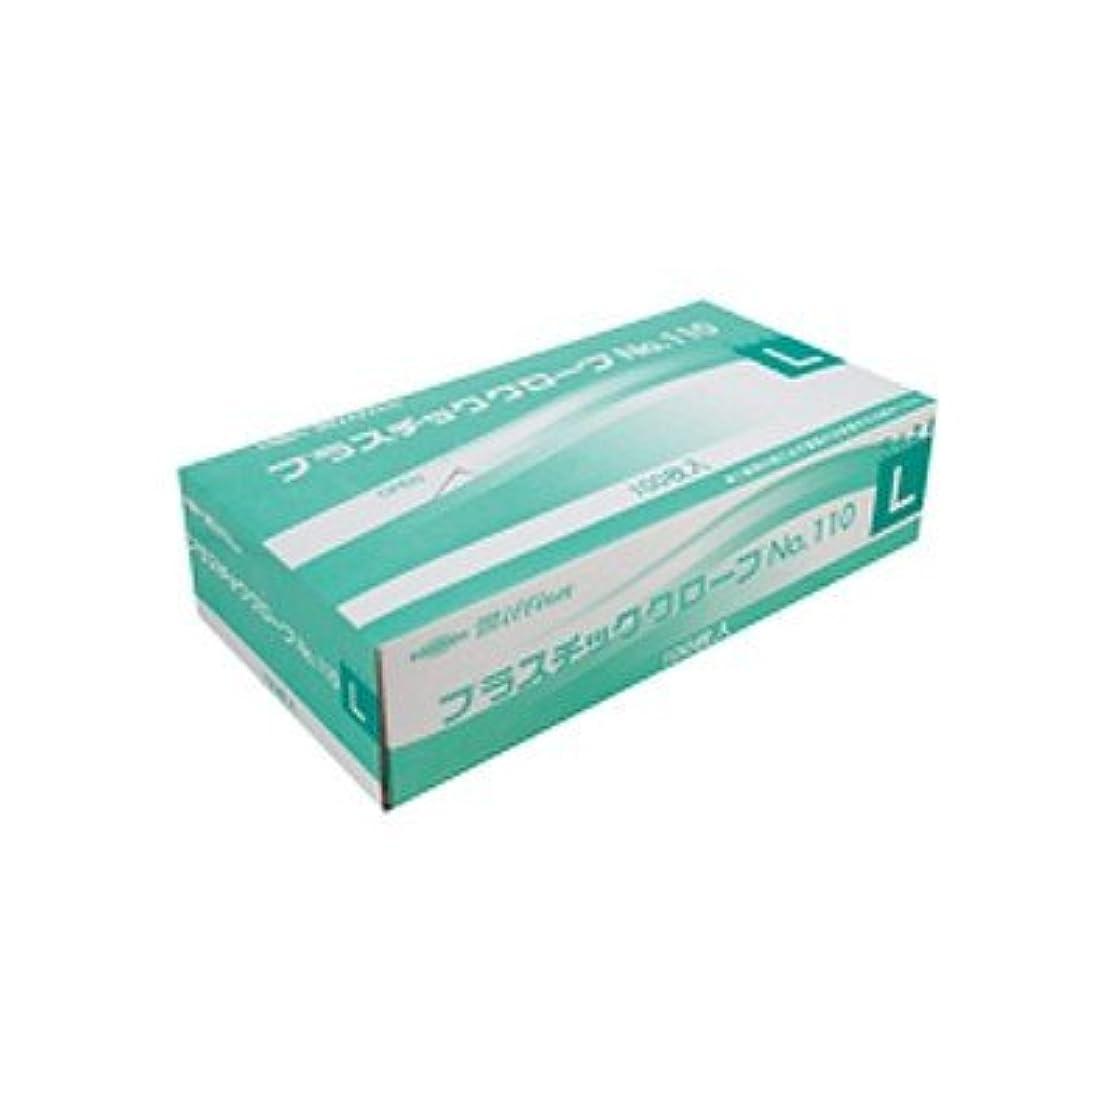 関係判決資格ミリオン プラスチック手袋 粉付 No.110 L 品番:LH-110-L 注文番号:62741507 メーカー:共和